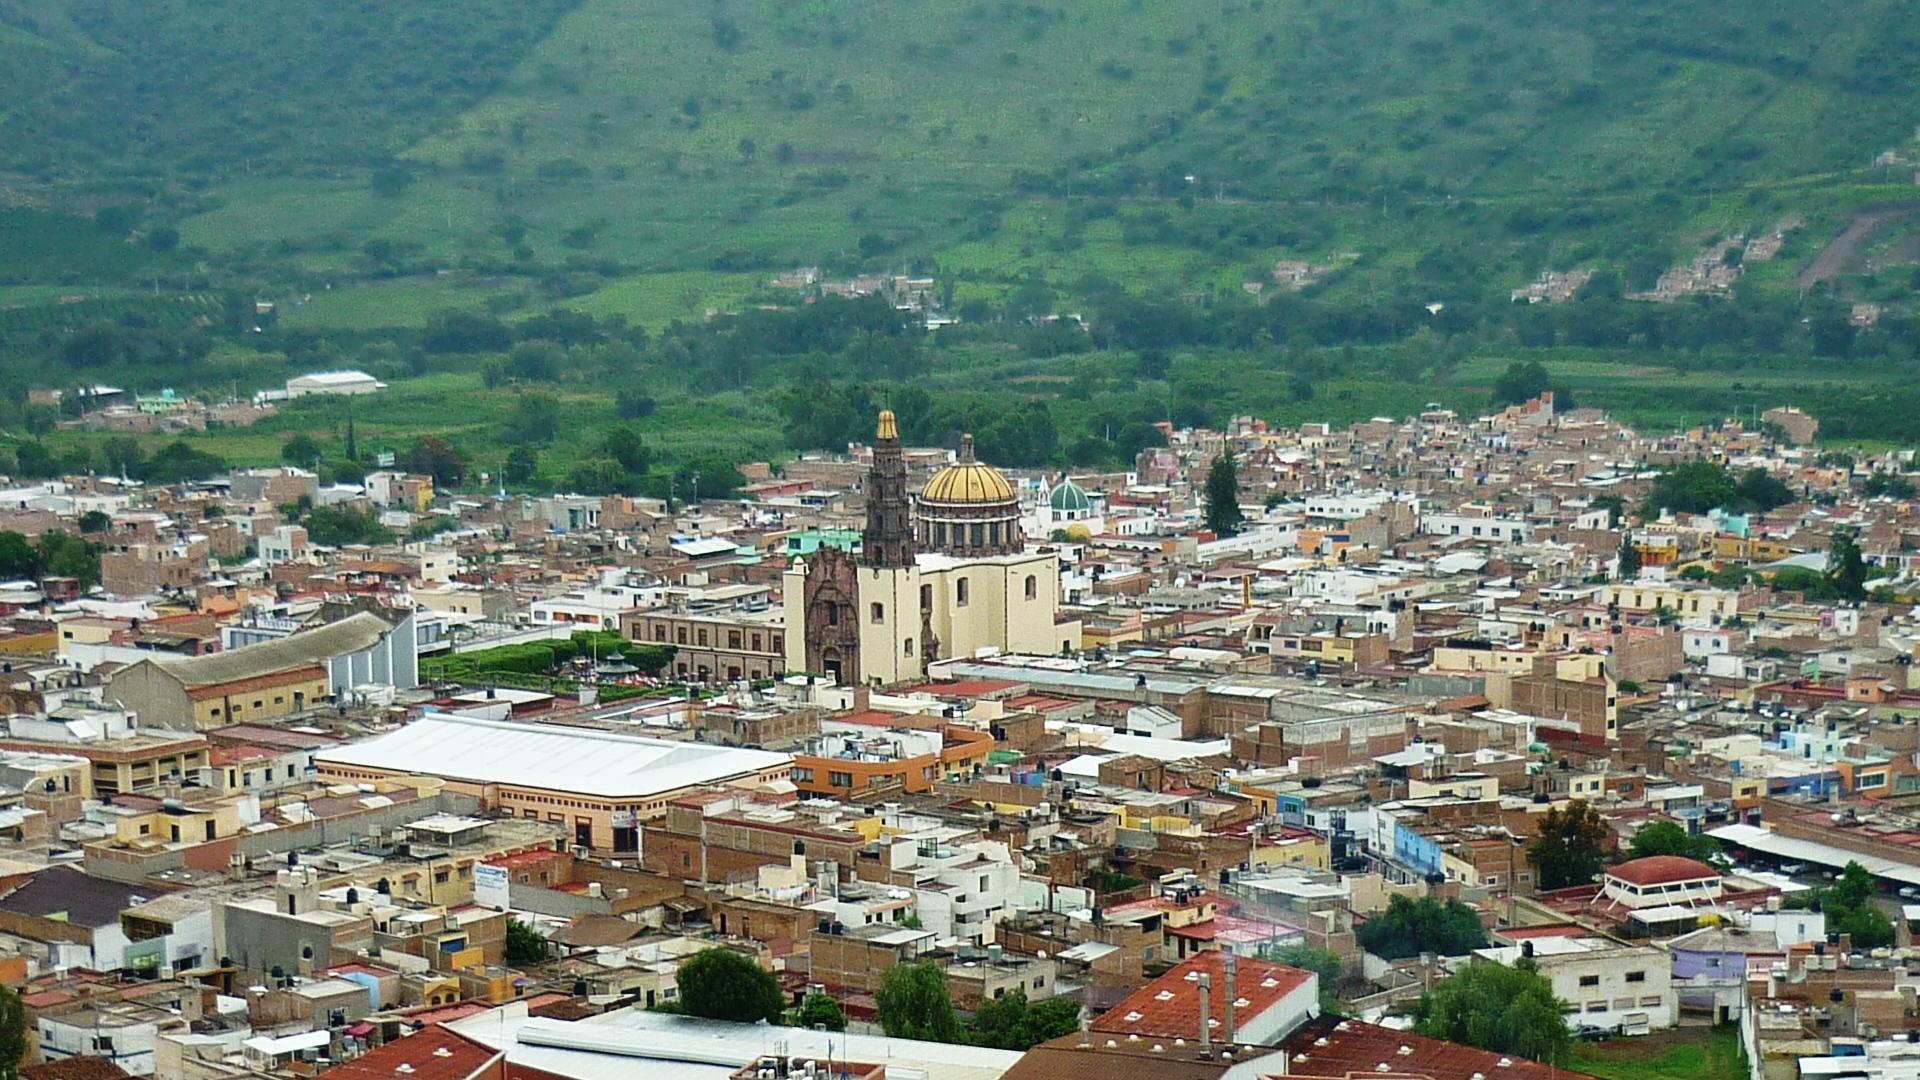 Archivo:Atotonilco el Alto.jpg - Wikipedia, la enciclopedia libre